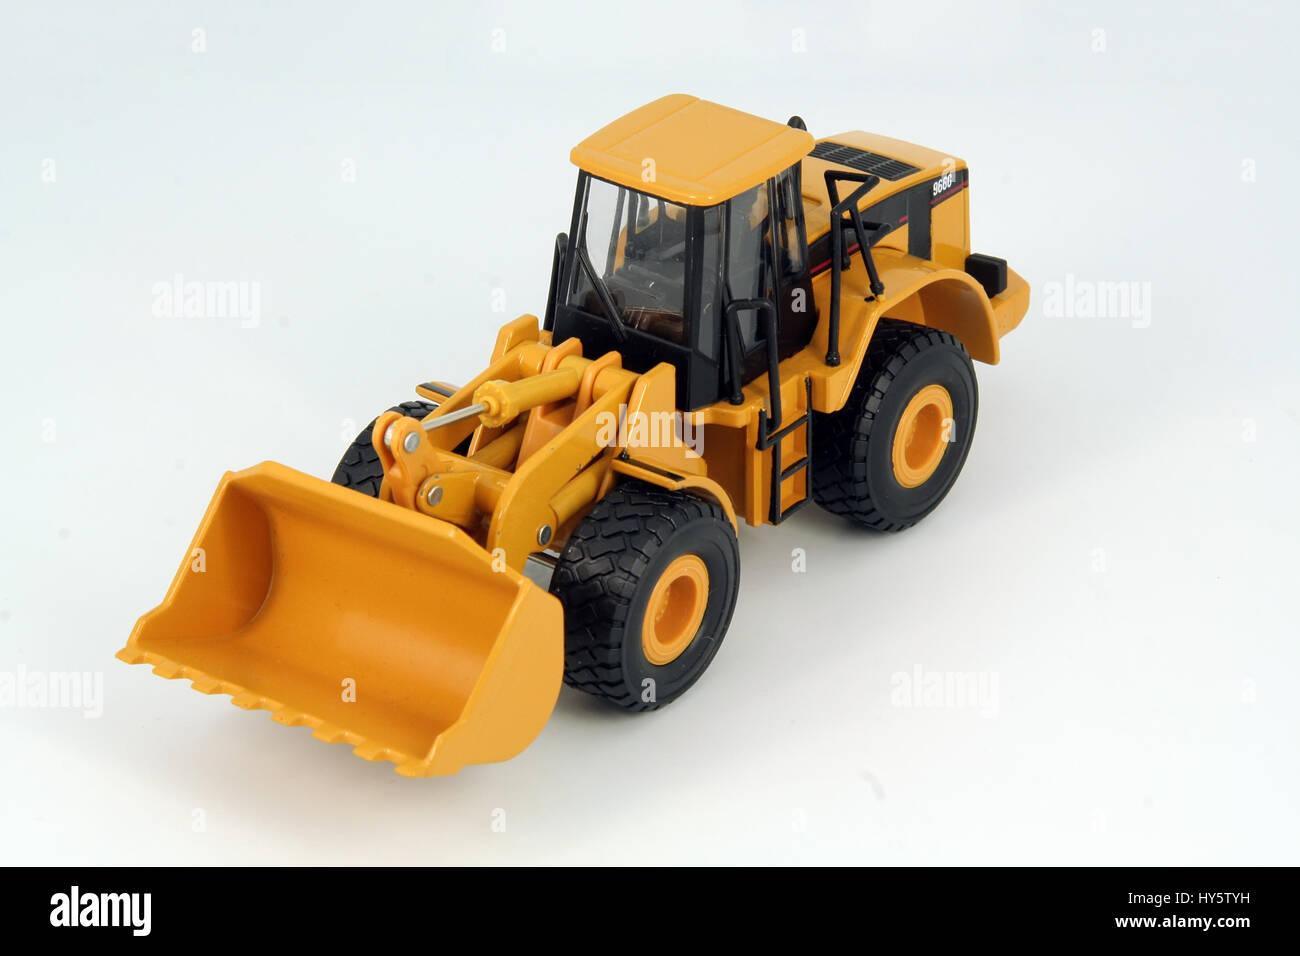 bulldozer spielzeug. bagger spielzeug stockfoto, bild: 137197637 - alamy